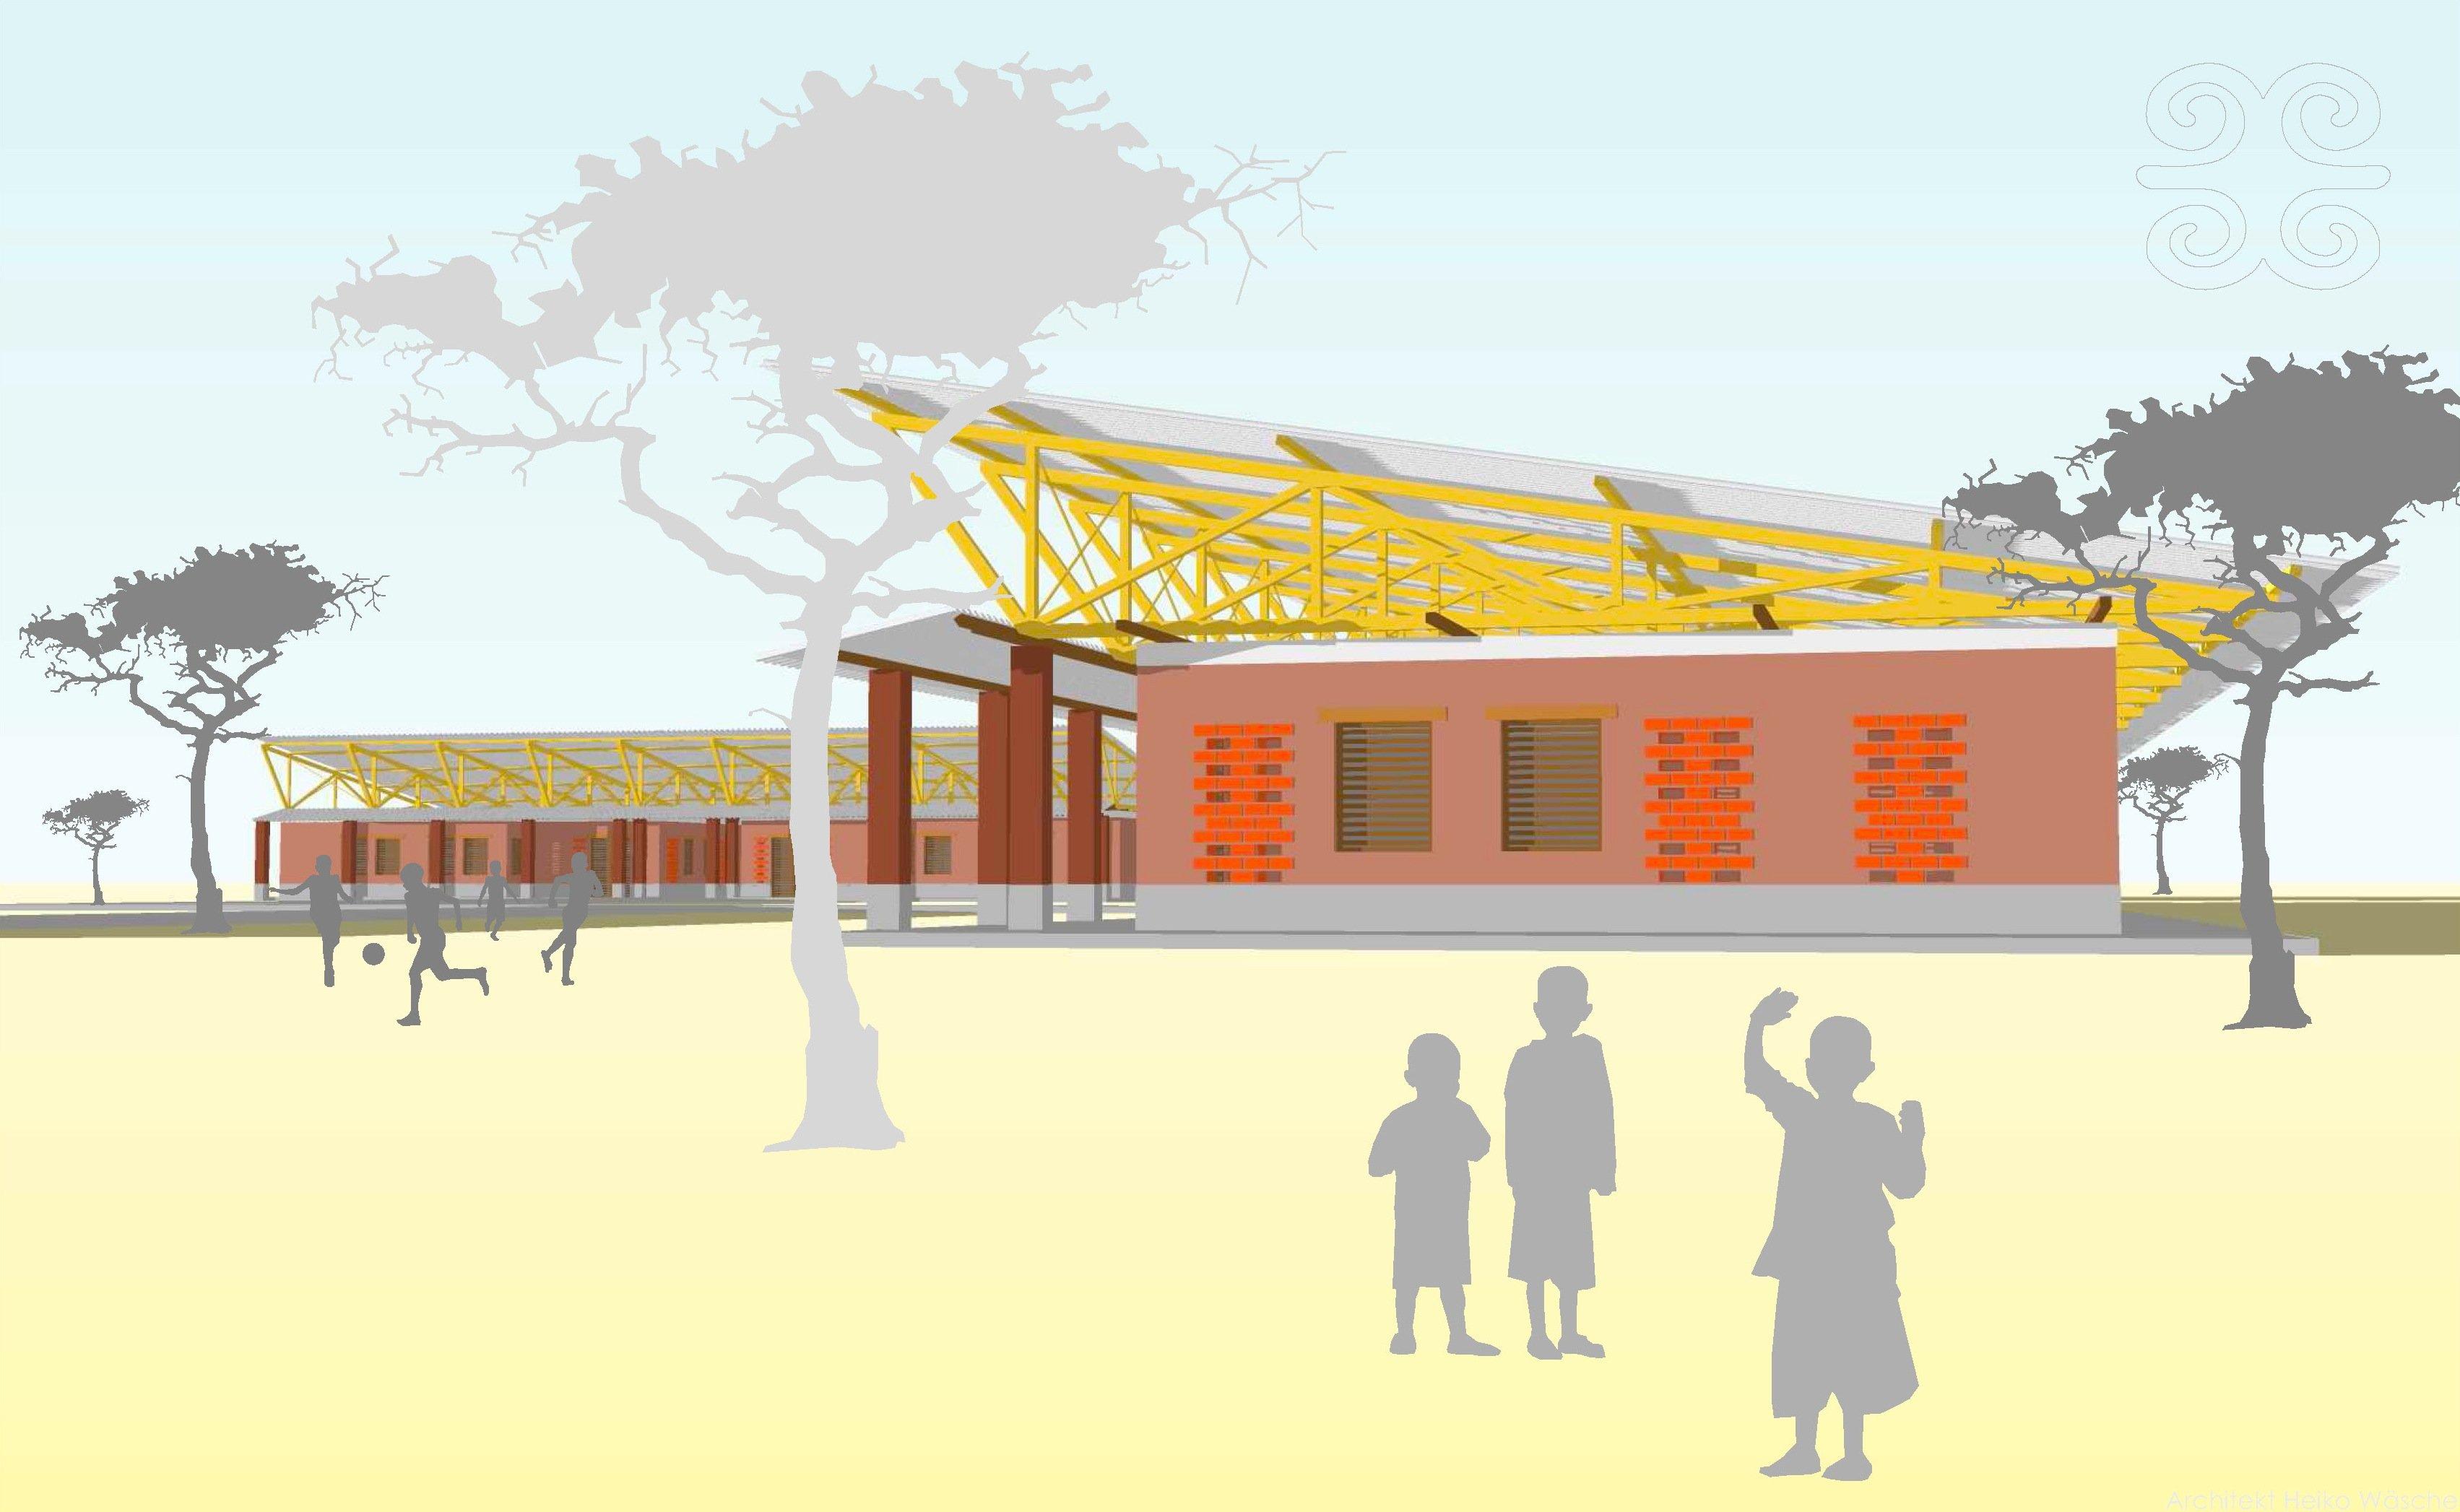 Skizze des geplanten Waisenhauses und Schule in Siaya in Kenia: Alle Gebäude werde aus Lehm gebaut, der vor Ort vorkommt.